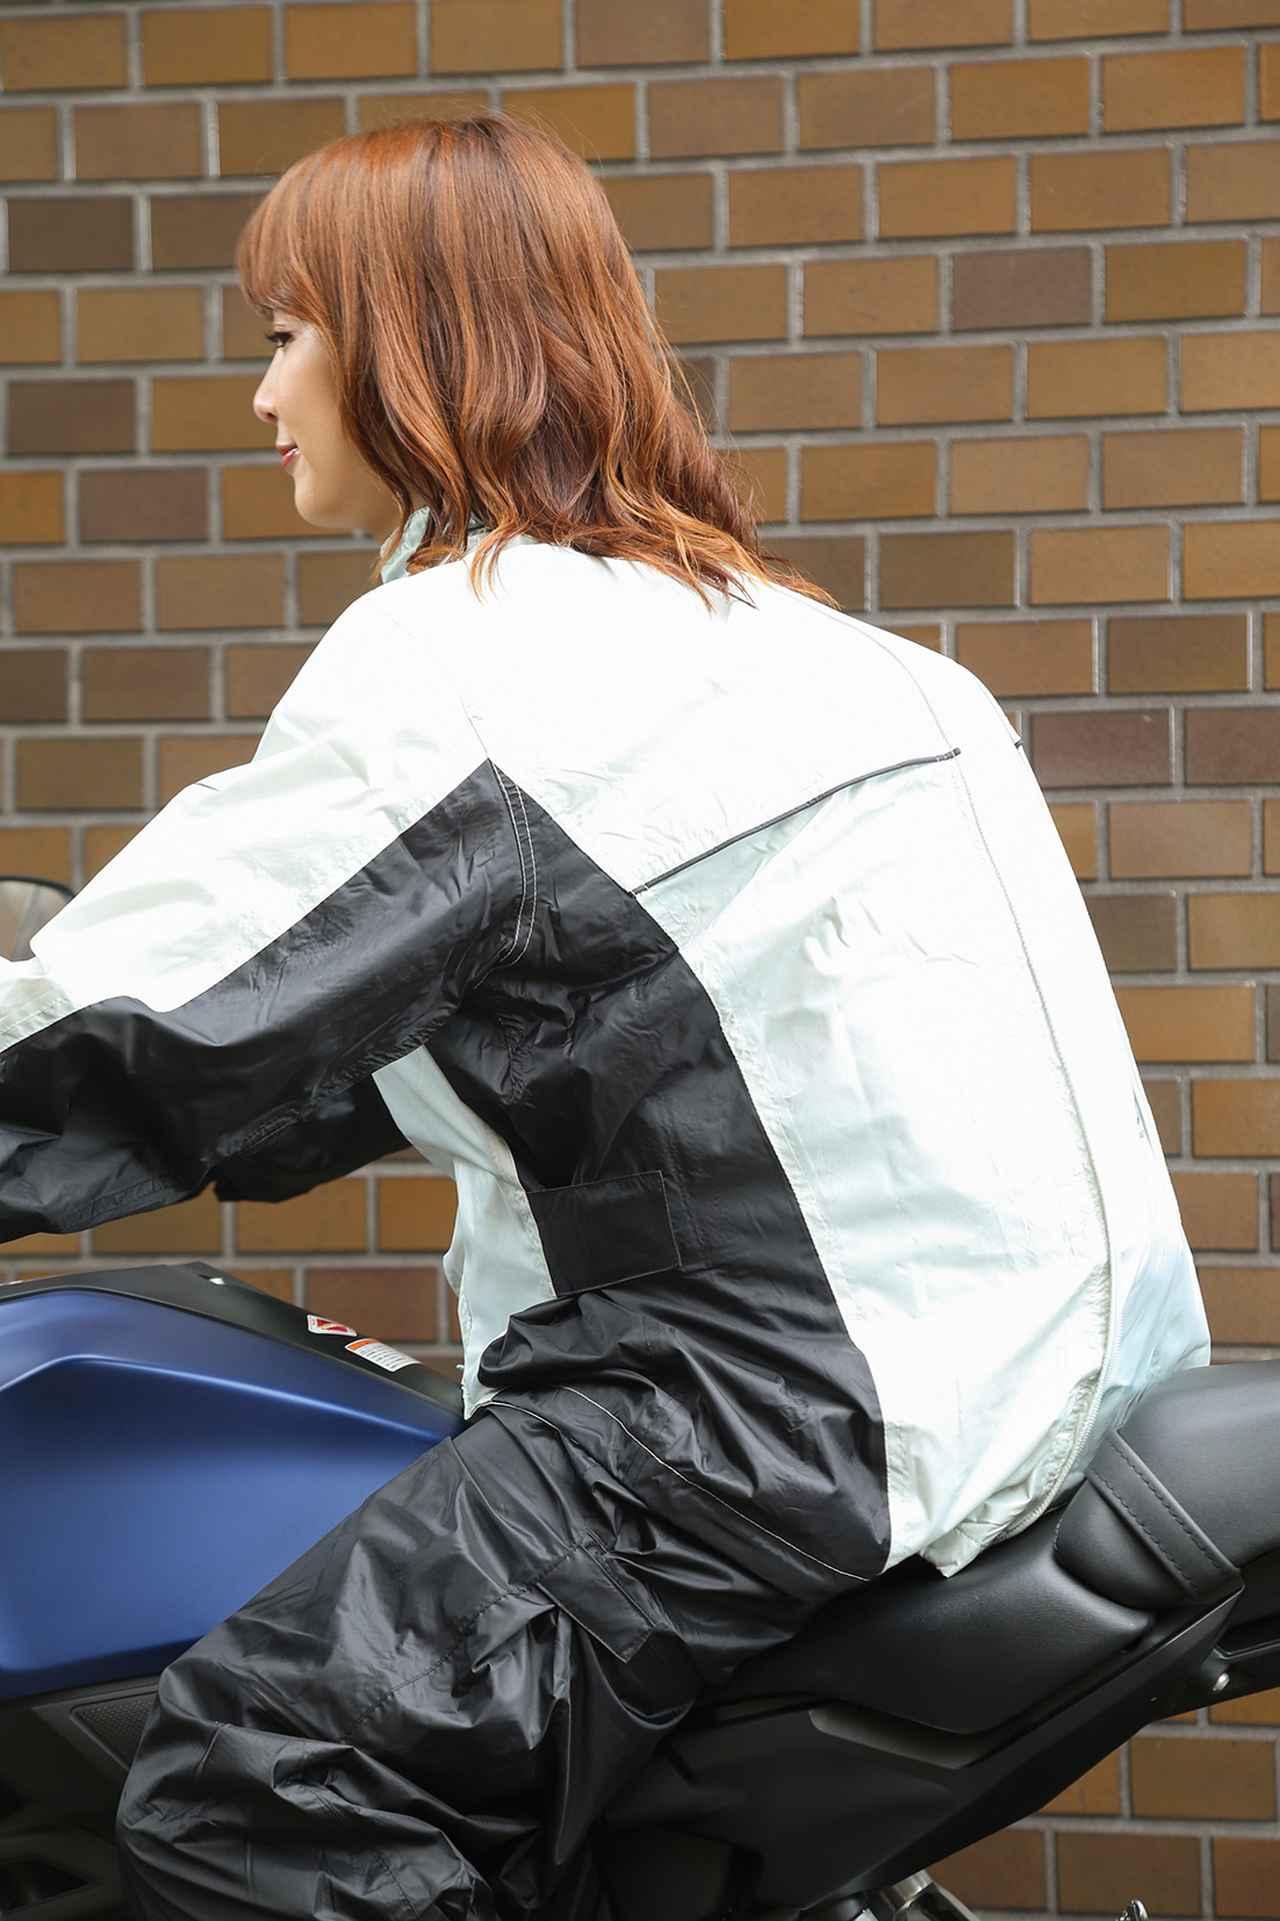 Images : 3番目の画像 - ラフ&ロード「RR7806 デュアルテックス レインスーツ」 - webオートバイ